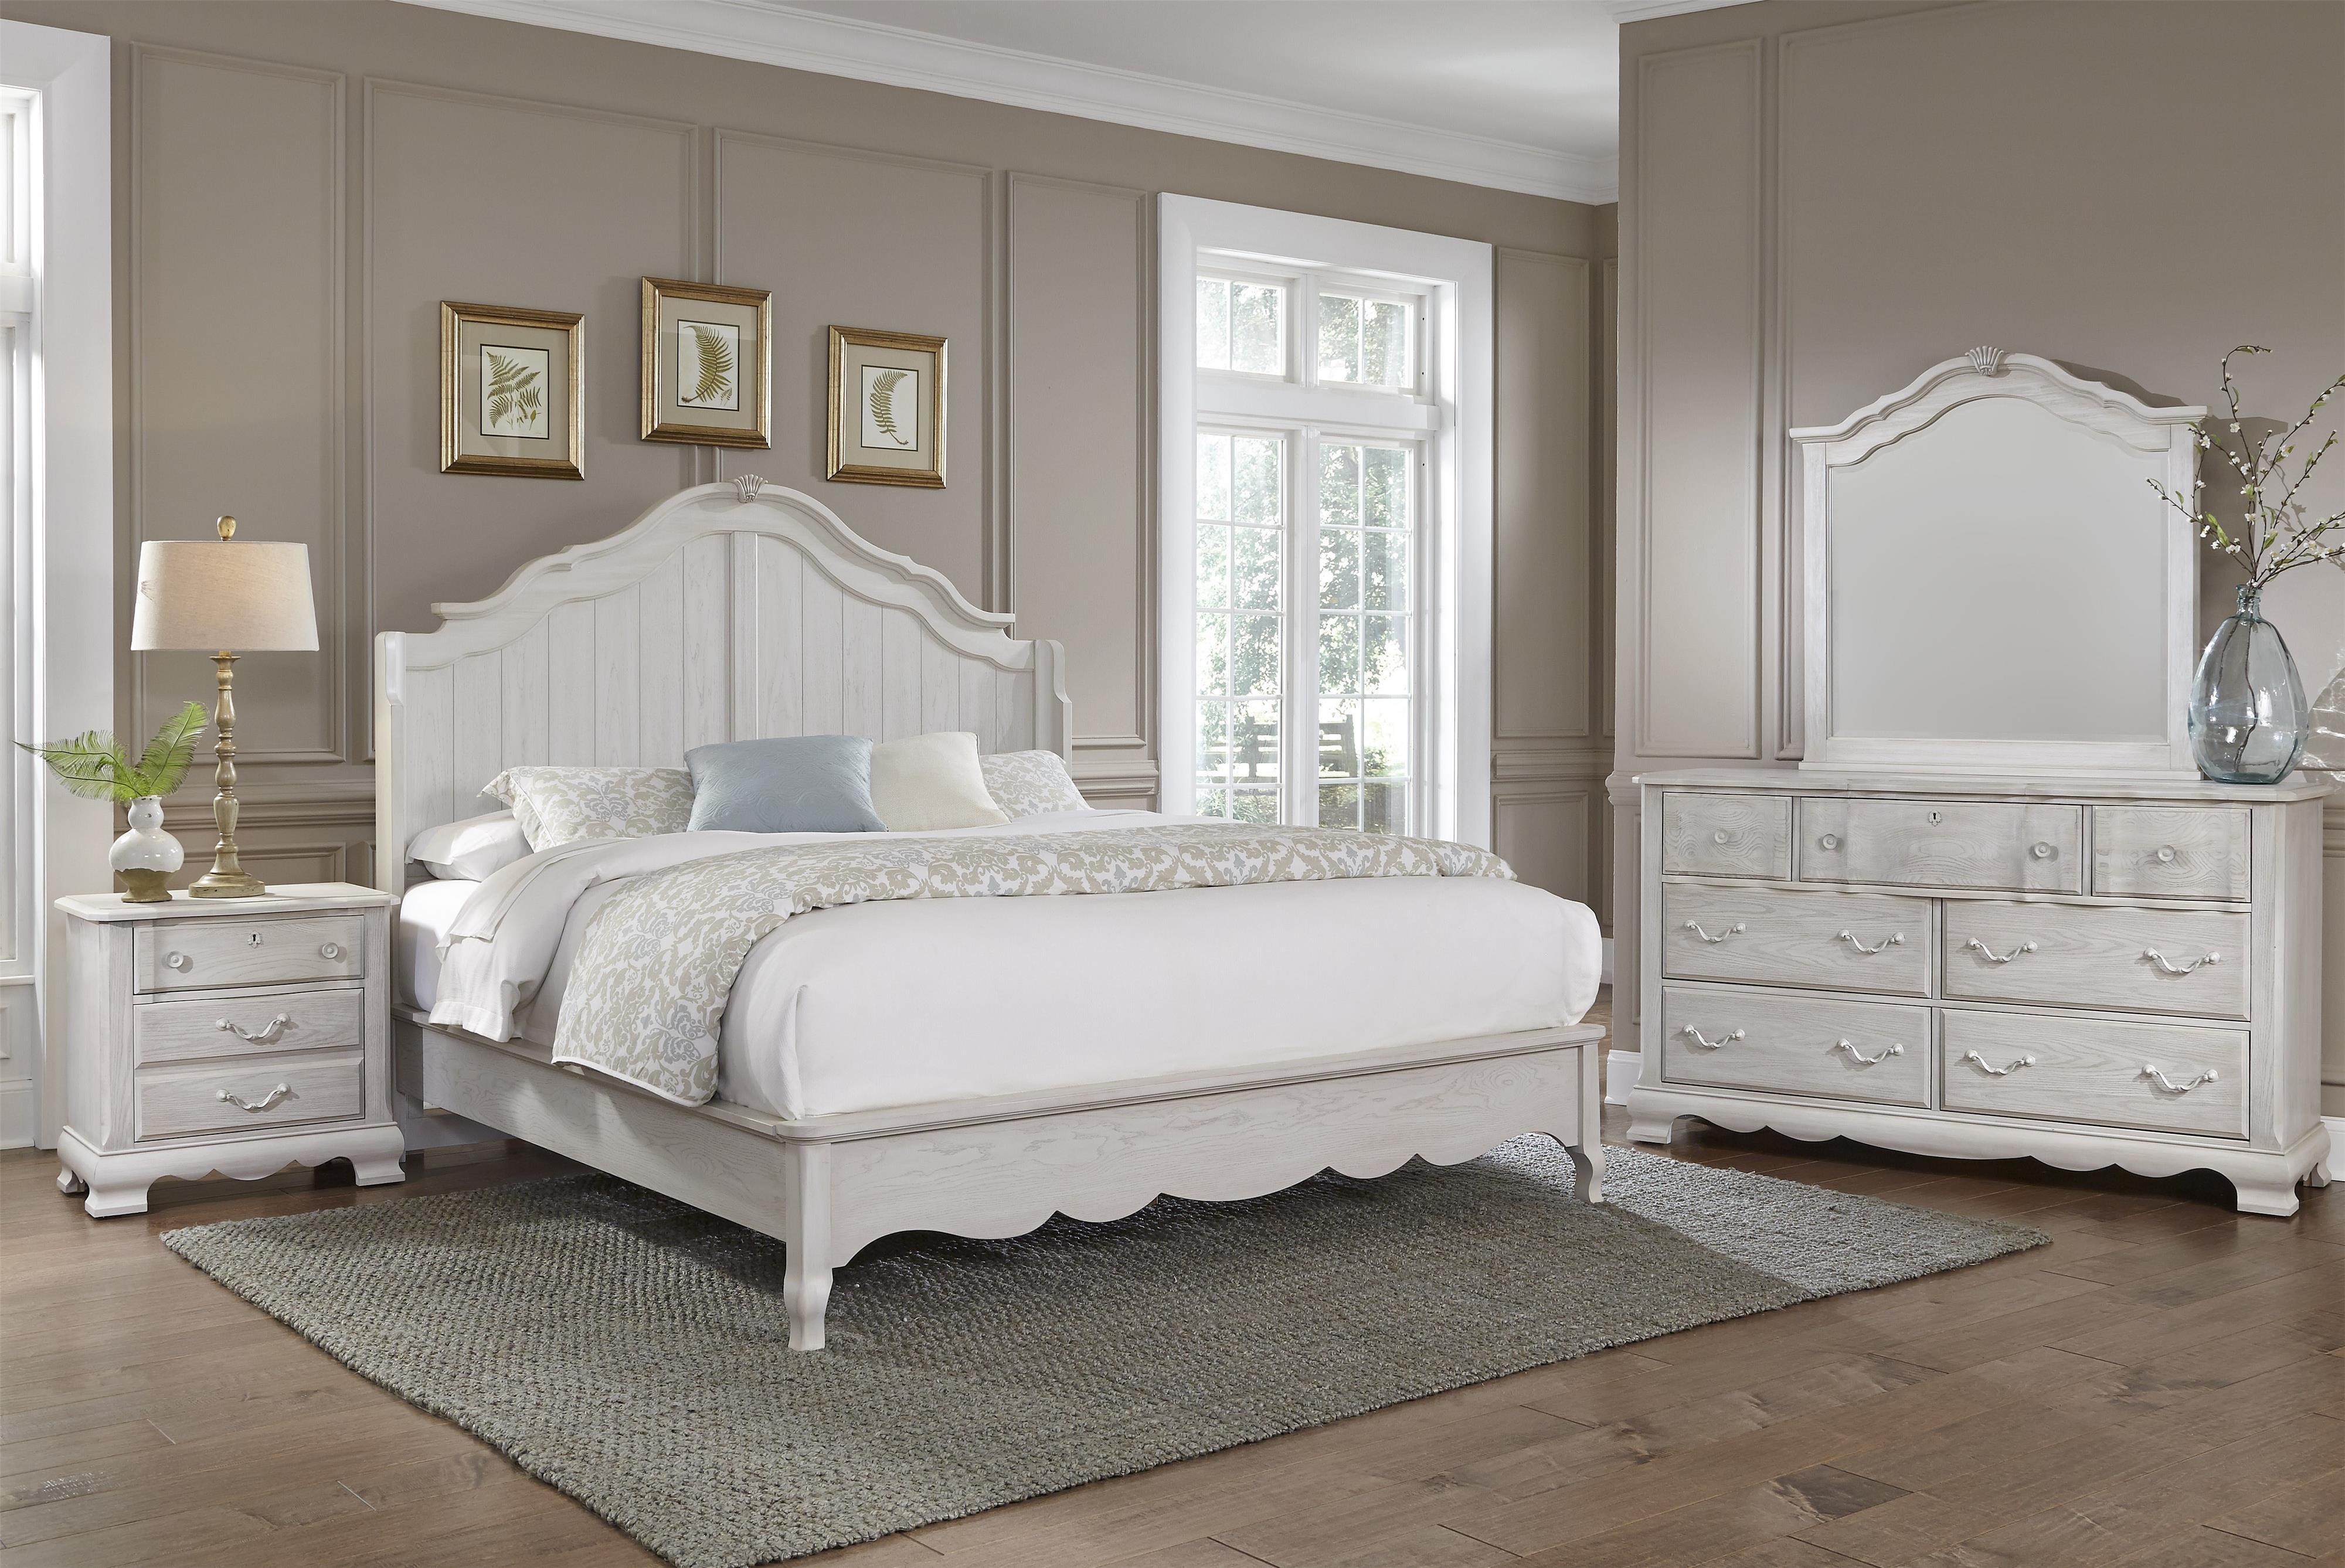 Vaughan Bassett Villa Sophia King Bedroom Group - Item Number: 524 K Bedroom Group 1